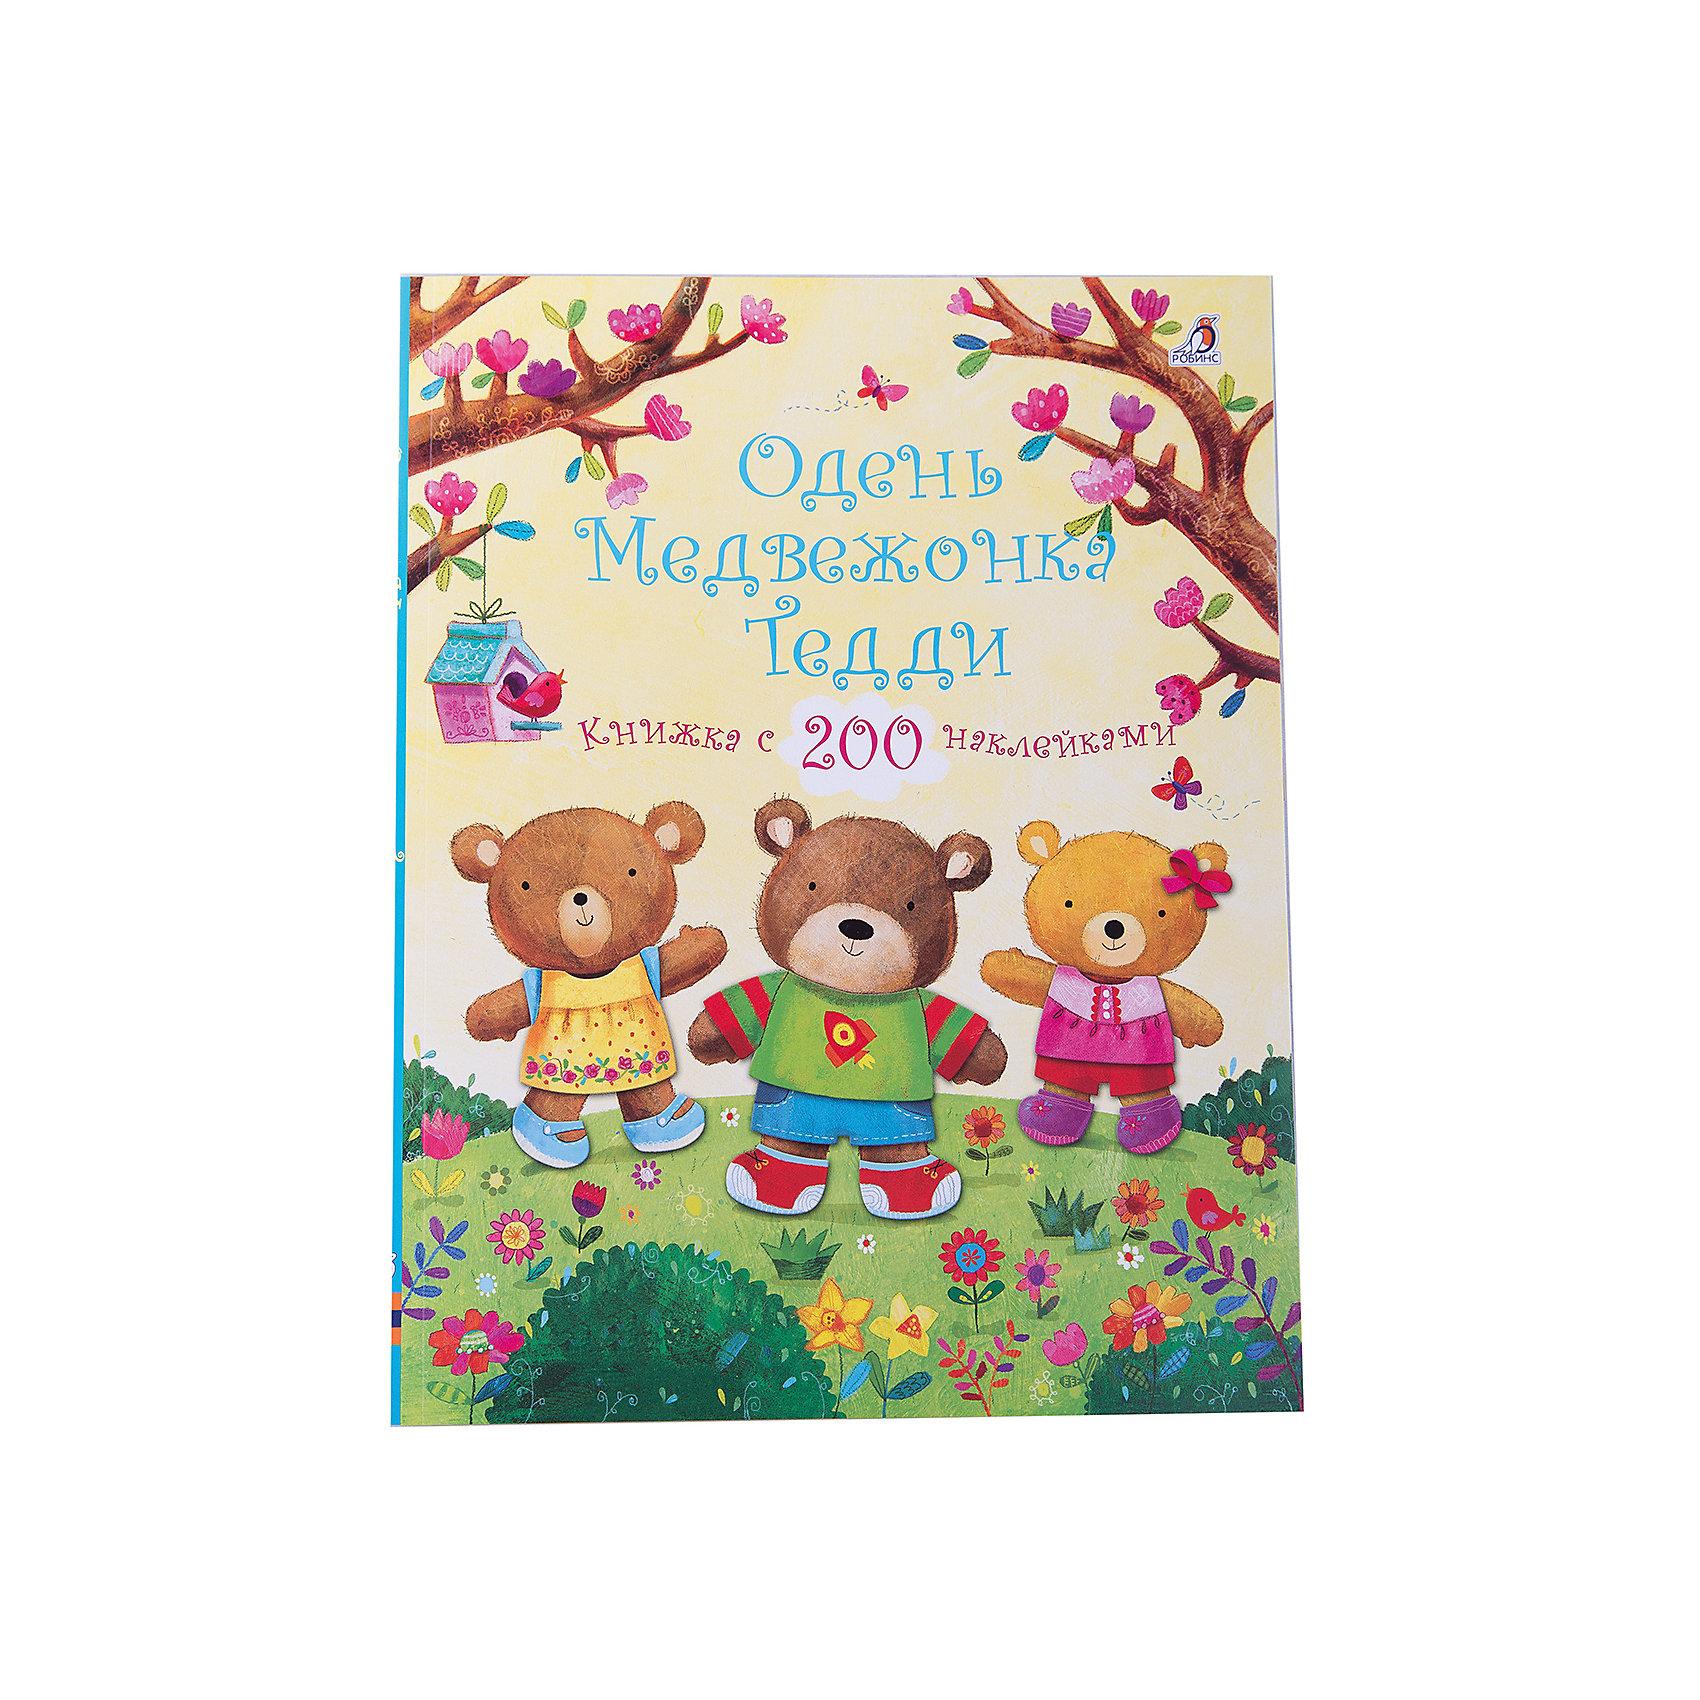 Книга с наклейками Одень медвежонка ТеддиКнижки с наклейками<br>Одень медвежонка Тедди, Me to You, Робинс - увлекательная книжка-игрушка, которая надолго увлечет Вашего ребенка. Герои книжки - 4 забавных медвежонка Тедди: Ириска, Плюшка, Потап и Кузя, они путешествуют по страницам книги и попадают в разные жизненные ситуации: например, они отправились за покупками, и вдруг пошел дождик, или медвежата решили испечь кексы, или отправиться в лес на пикник, и т. п. С помощью 200 различных наклеек, содержащихся в книге, малышу нужно подобрать для медвежат одежду, соответствующую каждой ситуации. Большой выбор наклеек поможет создать для каждого медвежонка свой неповторимый образ.<br><br>Дополнительная информация:<br><br>- Автор: Ф. Брукс. <br>- Художник: Э. Ятковска.<br>- Обложка: мягкая.<br>- Иллюстрации: цветные.<br>- Объем: 24 стр.<br>- Формат книги: 21 х 27,6 см.<br>- Вес: 170 гр.<br><br>Книгу Одень медвежонка Тедди, Me to You, Робинс можно купить в нашем интернет-магазине.<br><br>Ширина мм: 278<br>Глубина мм: 215<br>Высота мм: 11<br>Вес г: 100<br>Возраст от месяцев: 0<br>Возраст до месяцев: 60<br>Пол: Унисекс<br>Возраст: Детский<br>SKU: 3942081